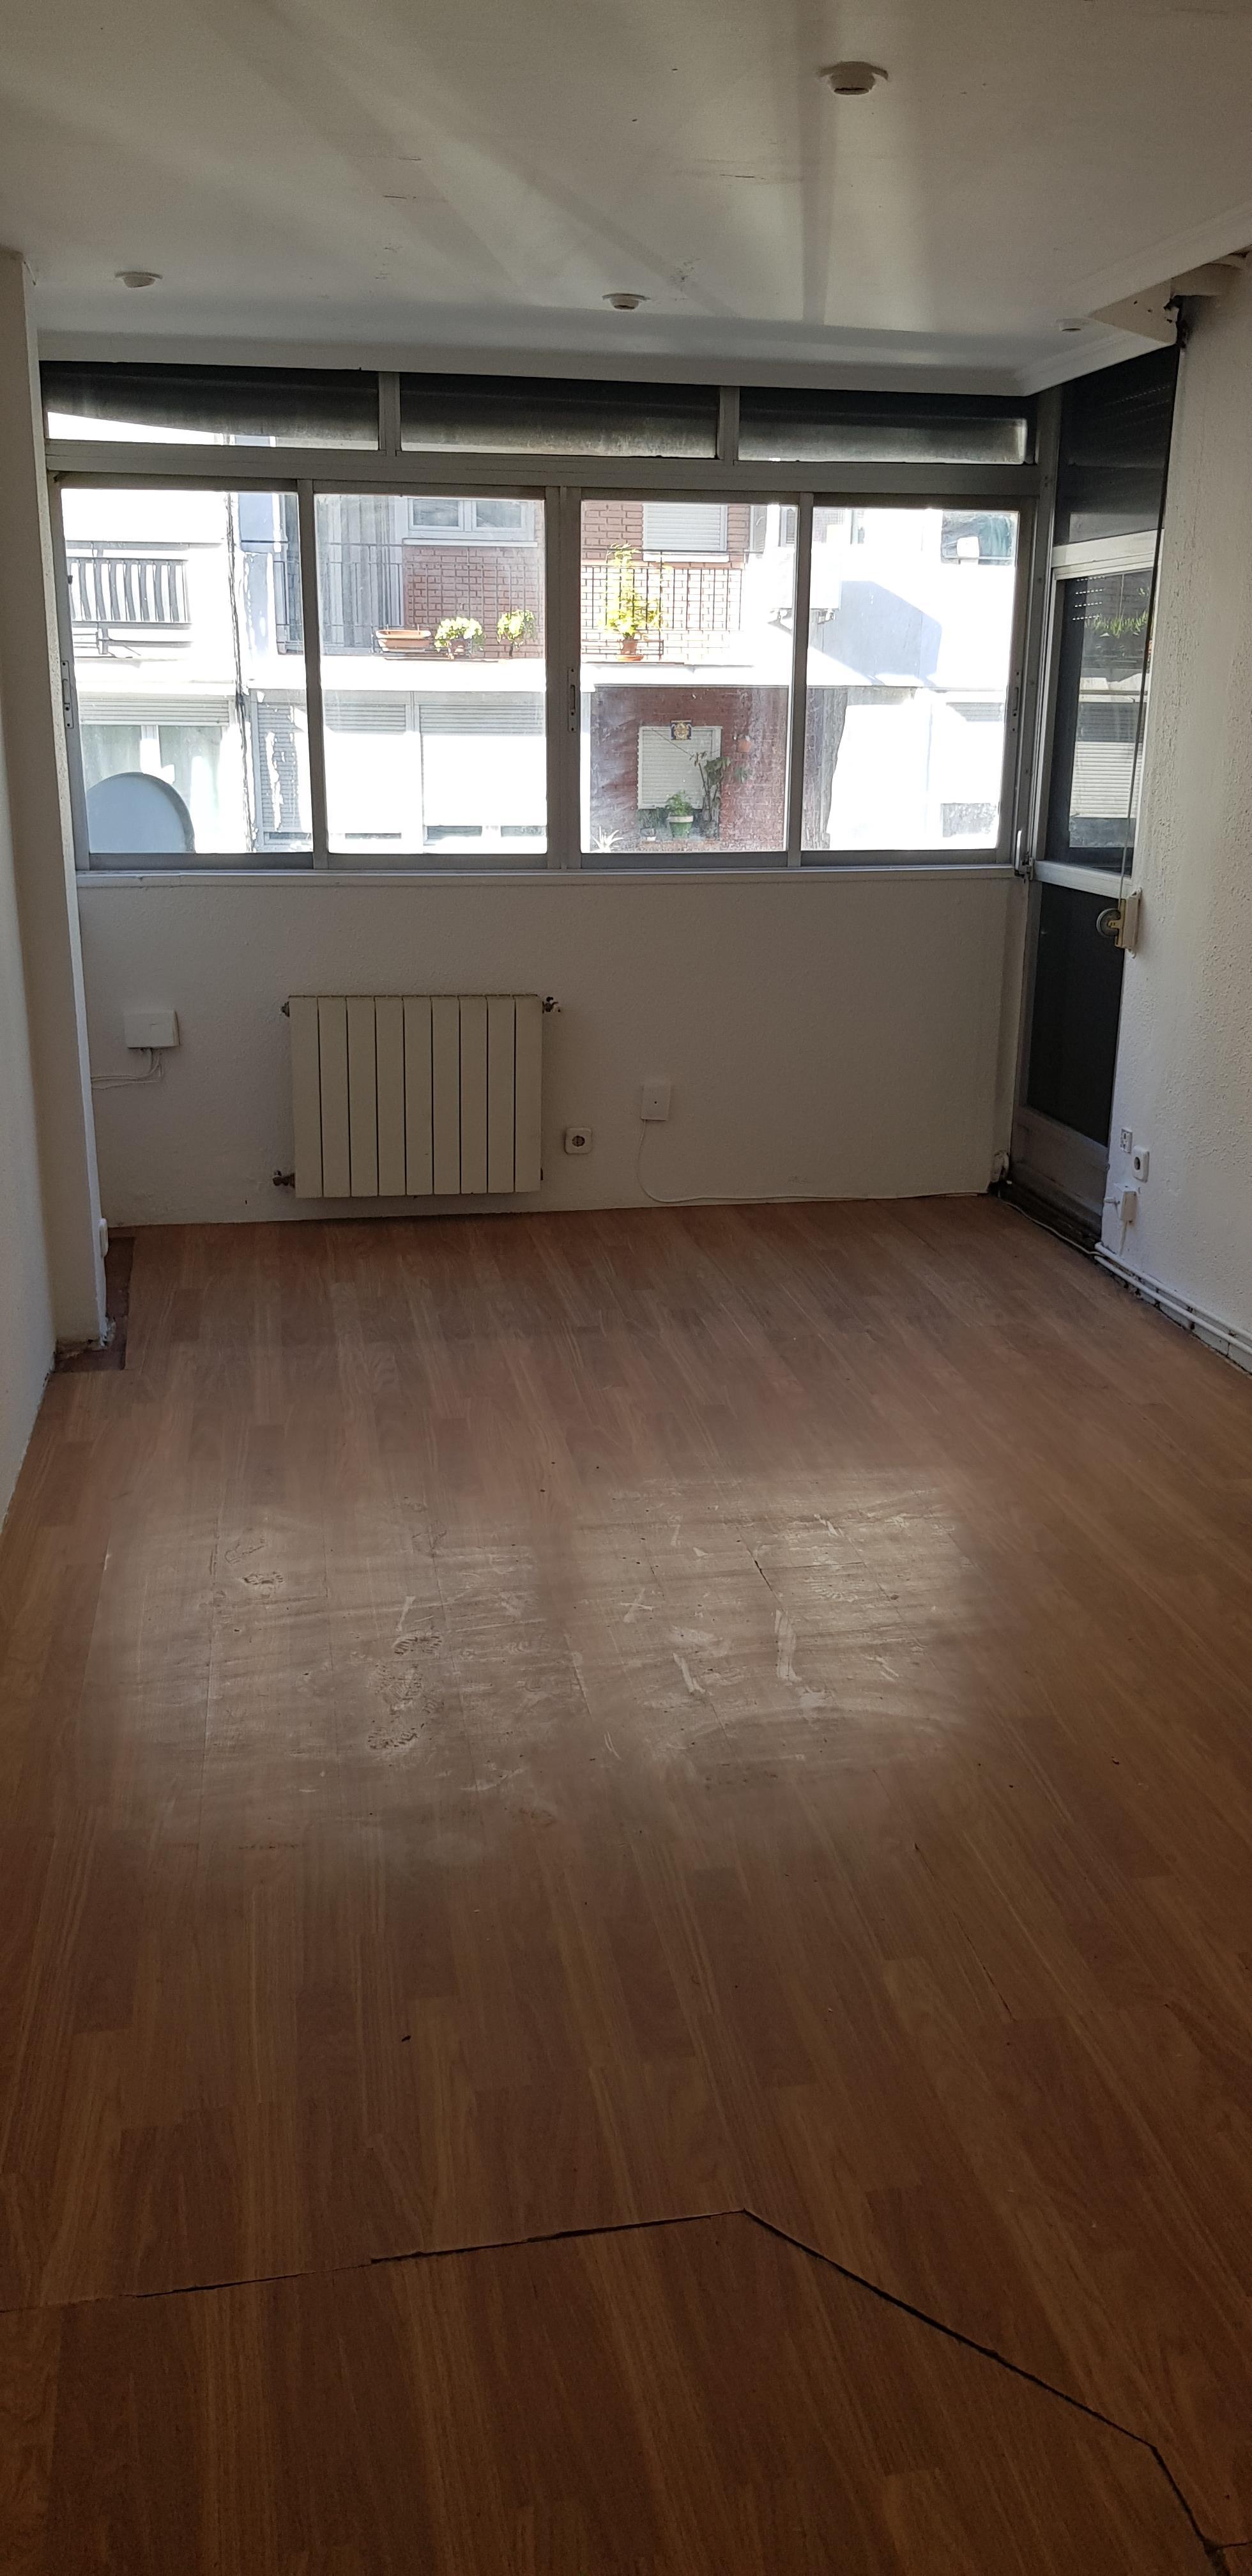 Piso en venta en Nuevo Bercial, Getafe, Madrid, Calle Perdiz, 99.000 €, 2 habitaciones, 1 baño, 62 m2